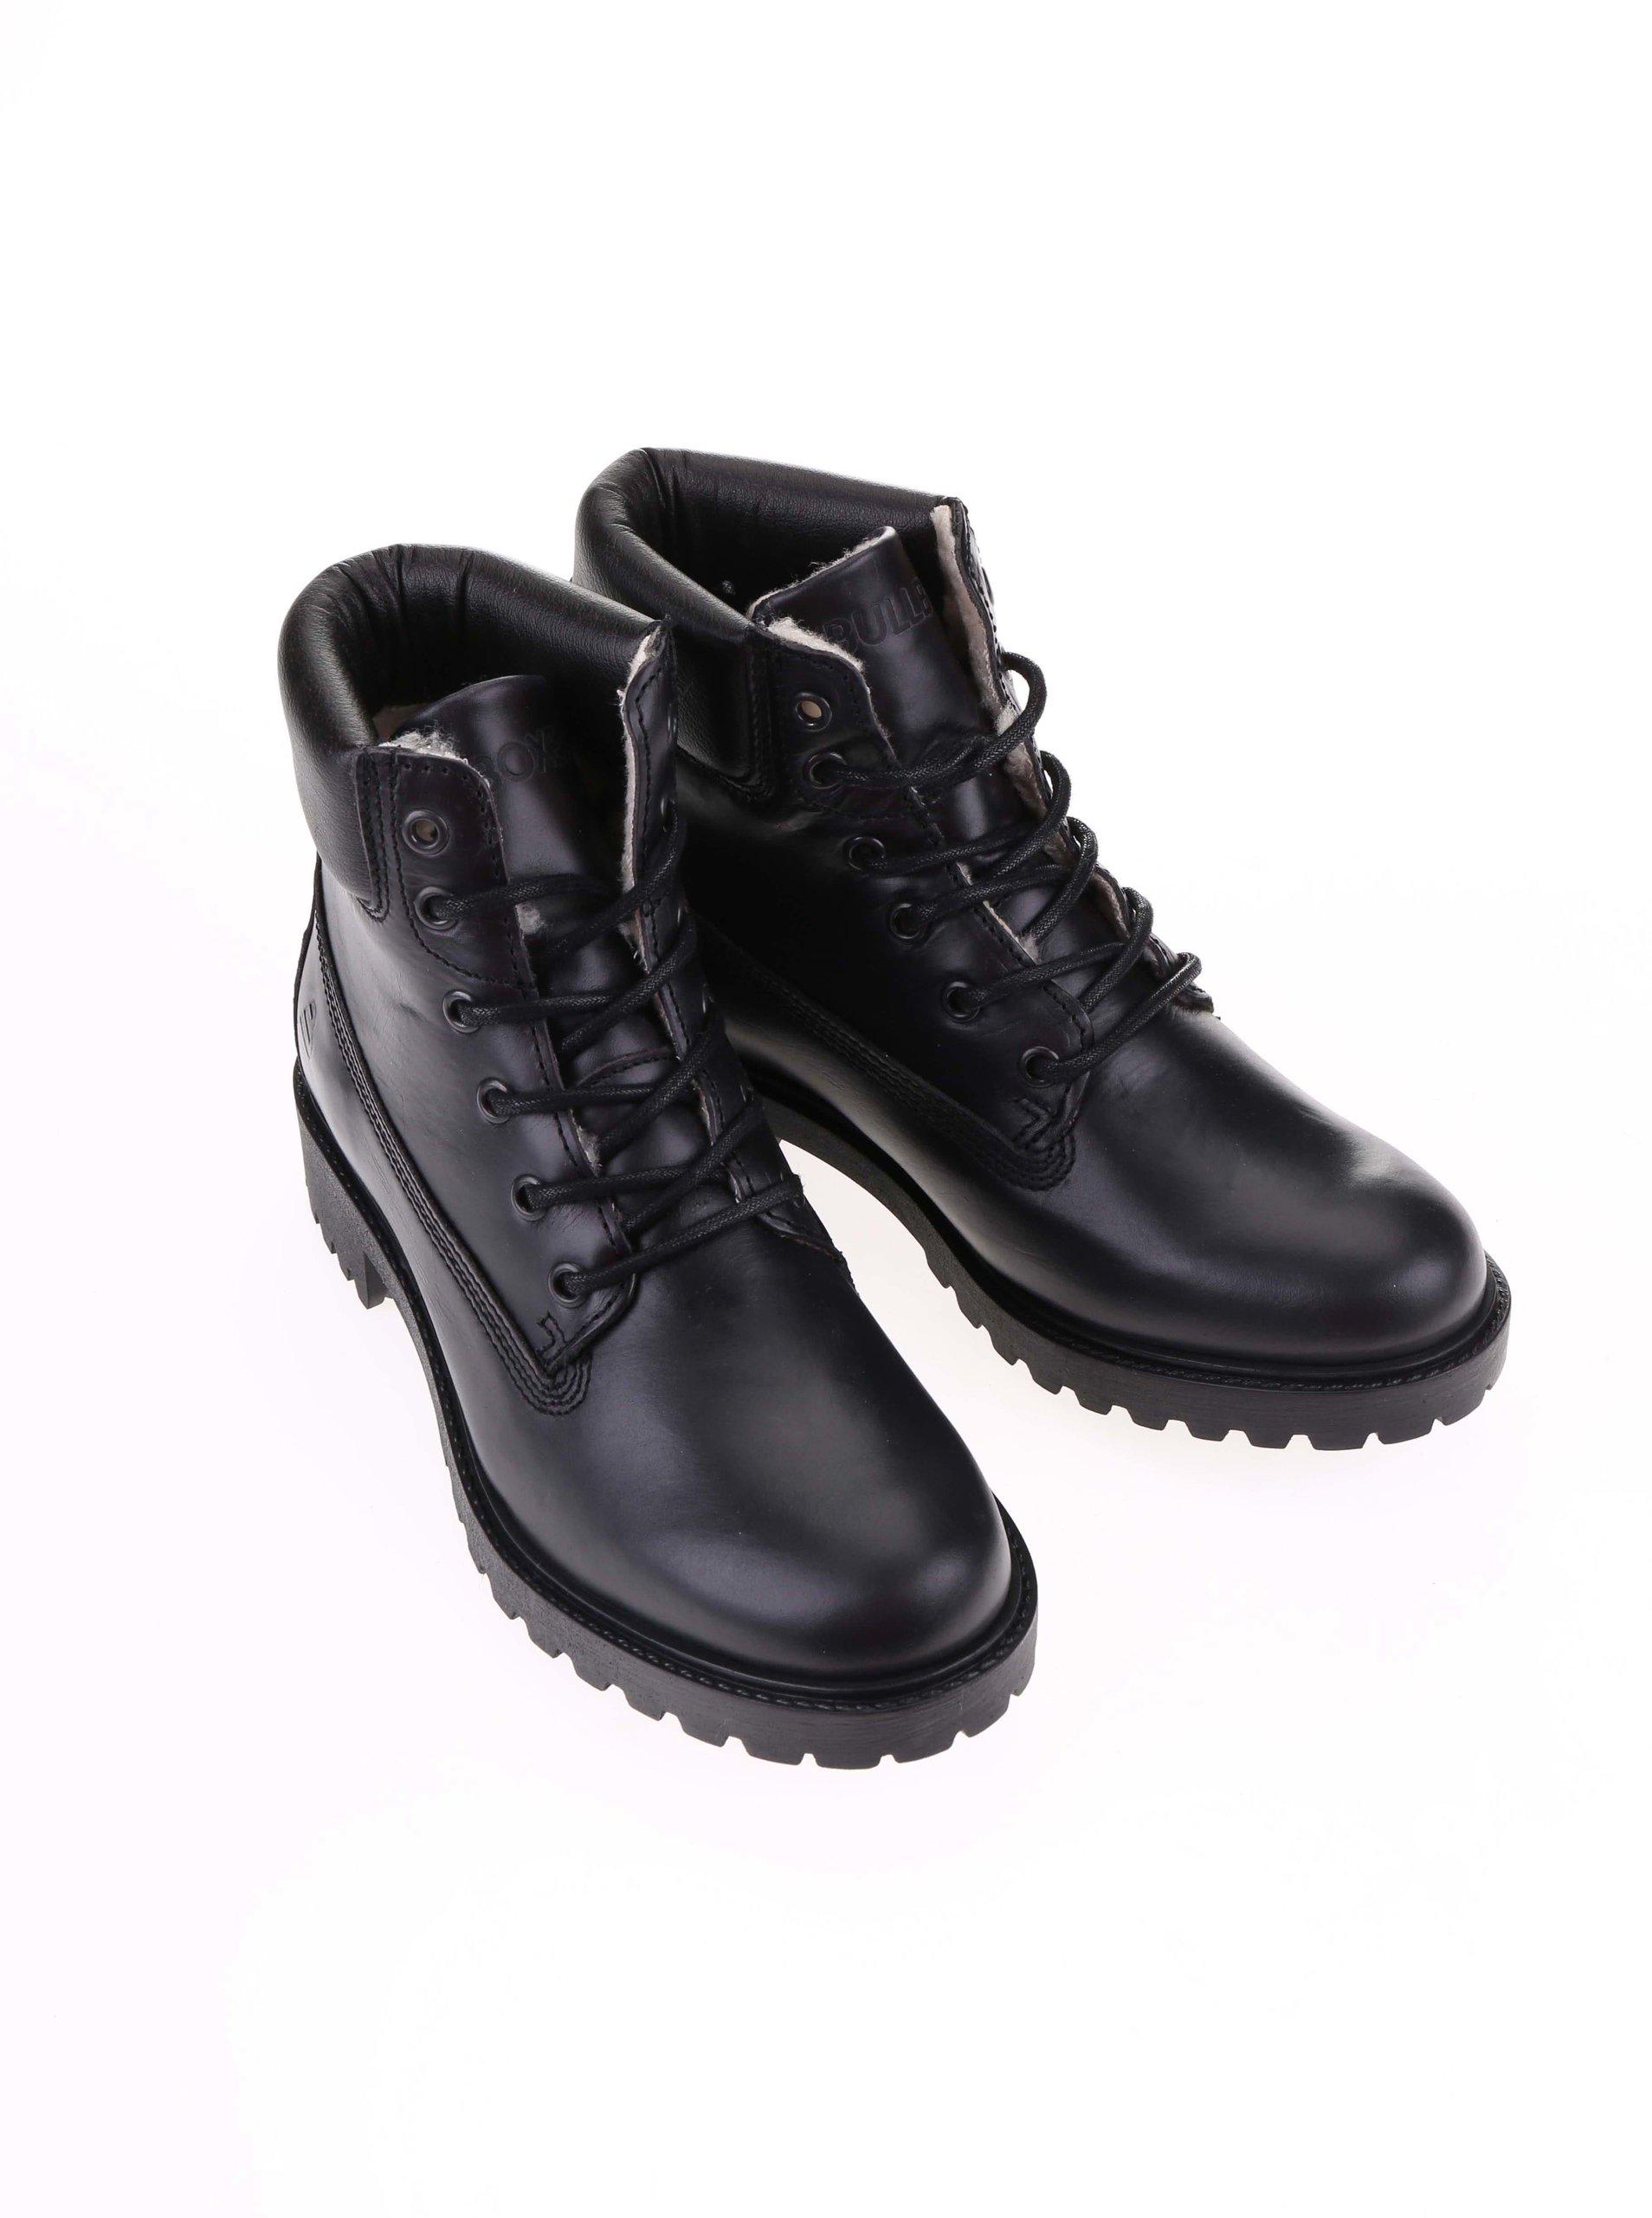 Čierne dámske kožené šnurovacie topánky s vnútornou kožušinkou Bullboxer ... b48bcf48881